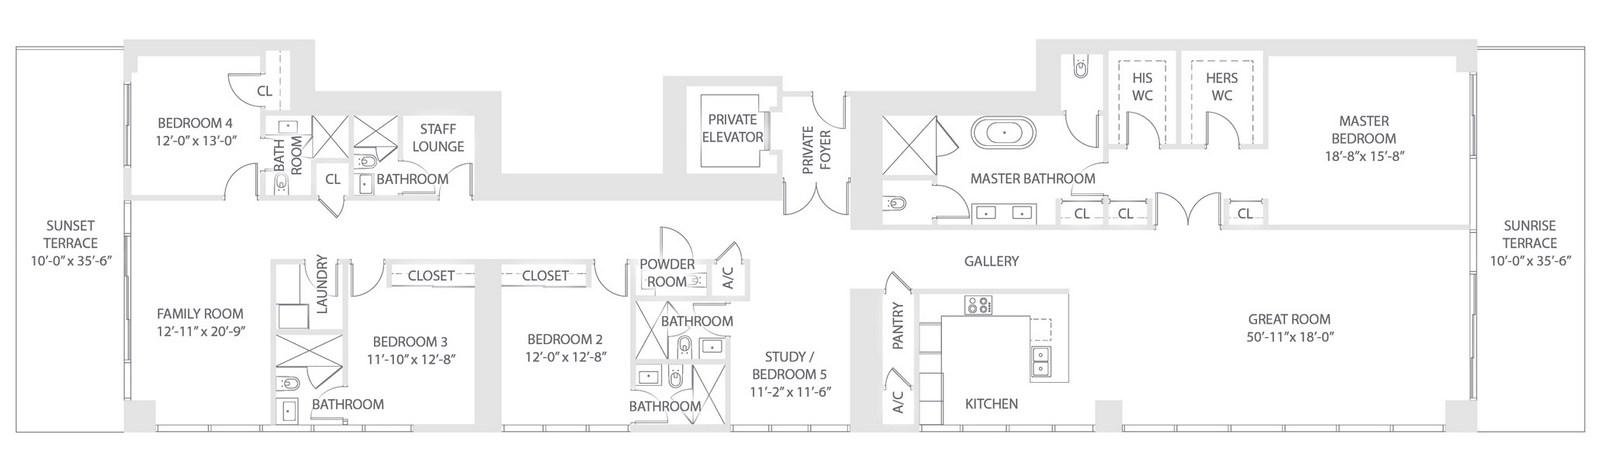 Elysee - Floorplan 8